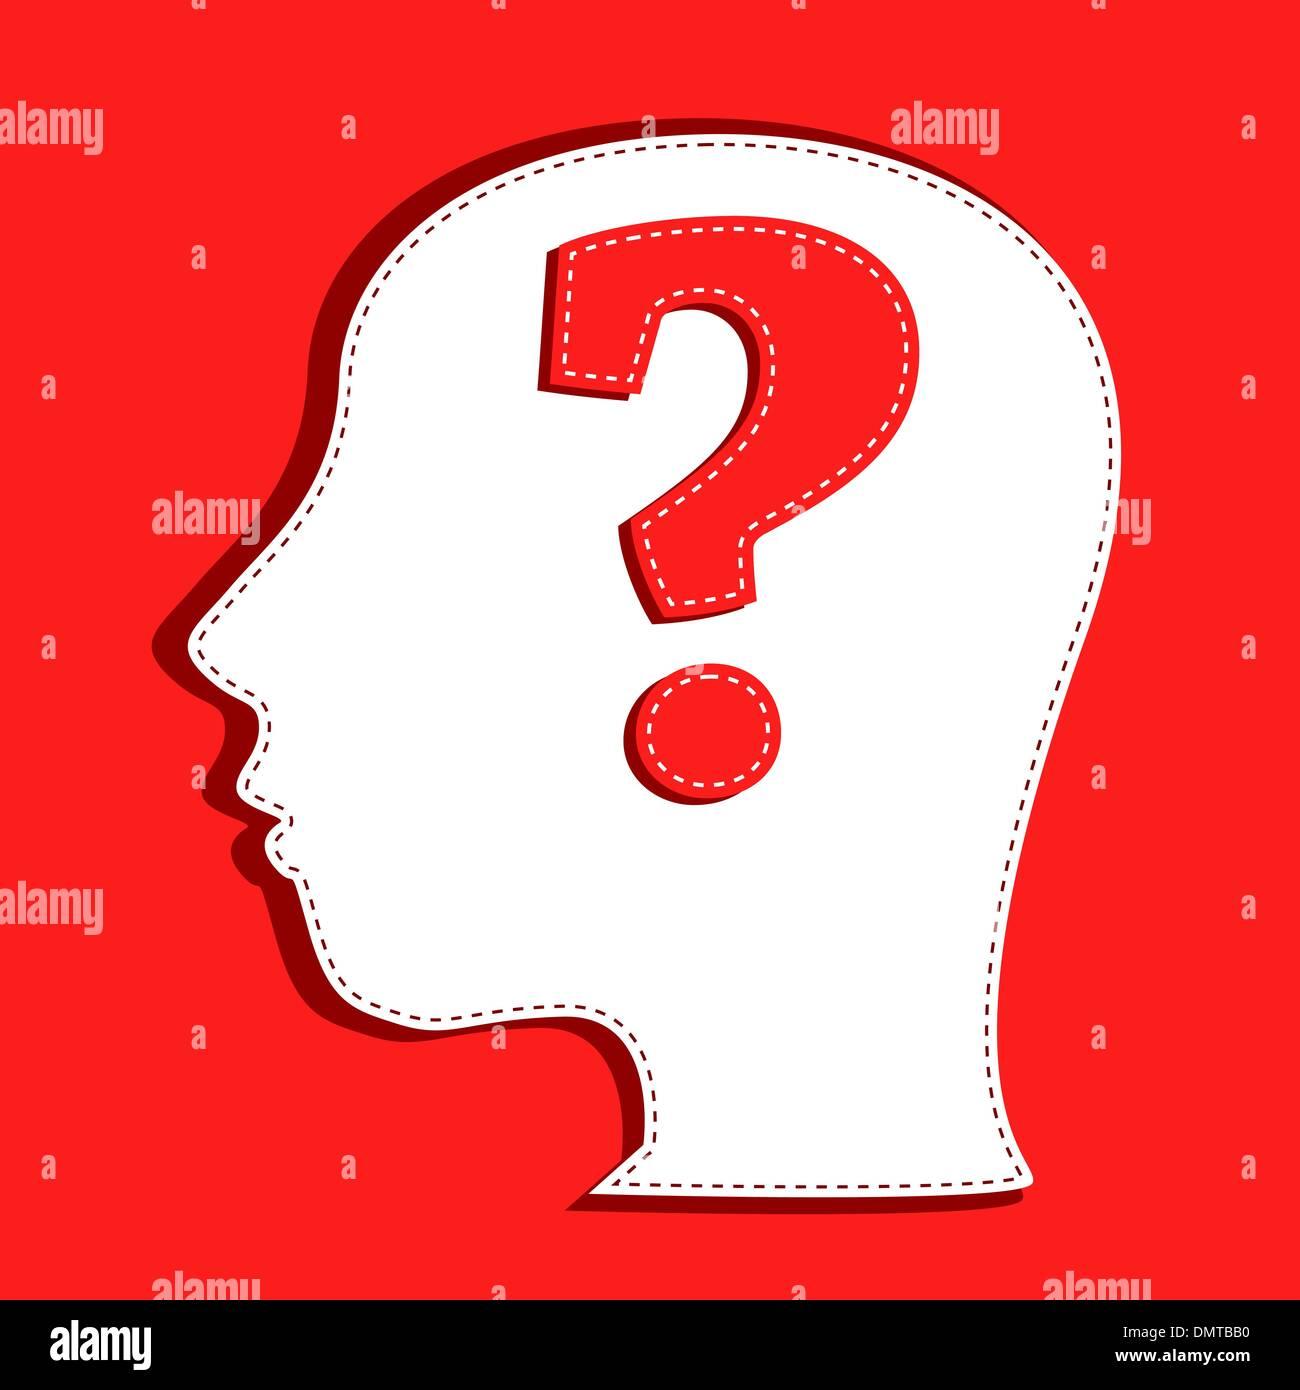 Cabeza humana con símbolo de interrogación Imagen De Stock